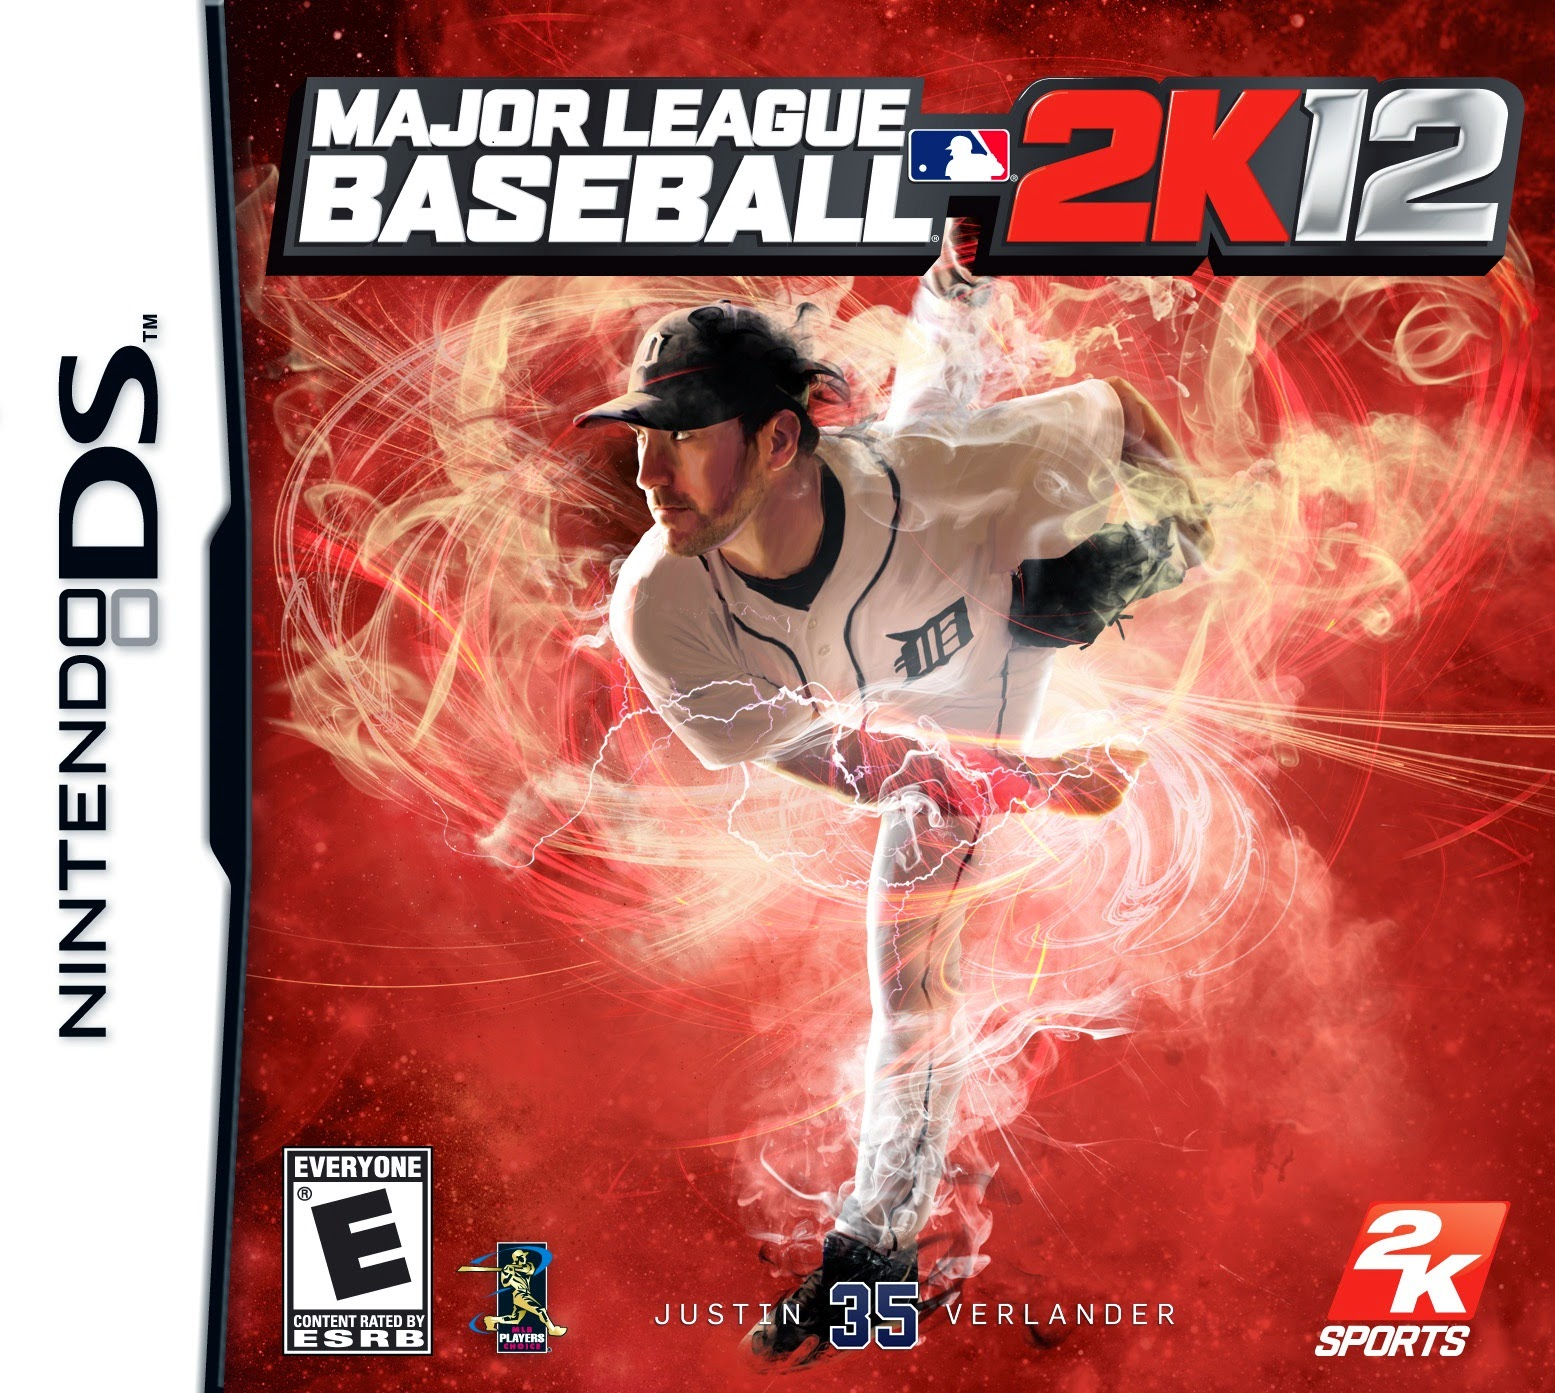 Major League Baseball 2K12 PC Game